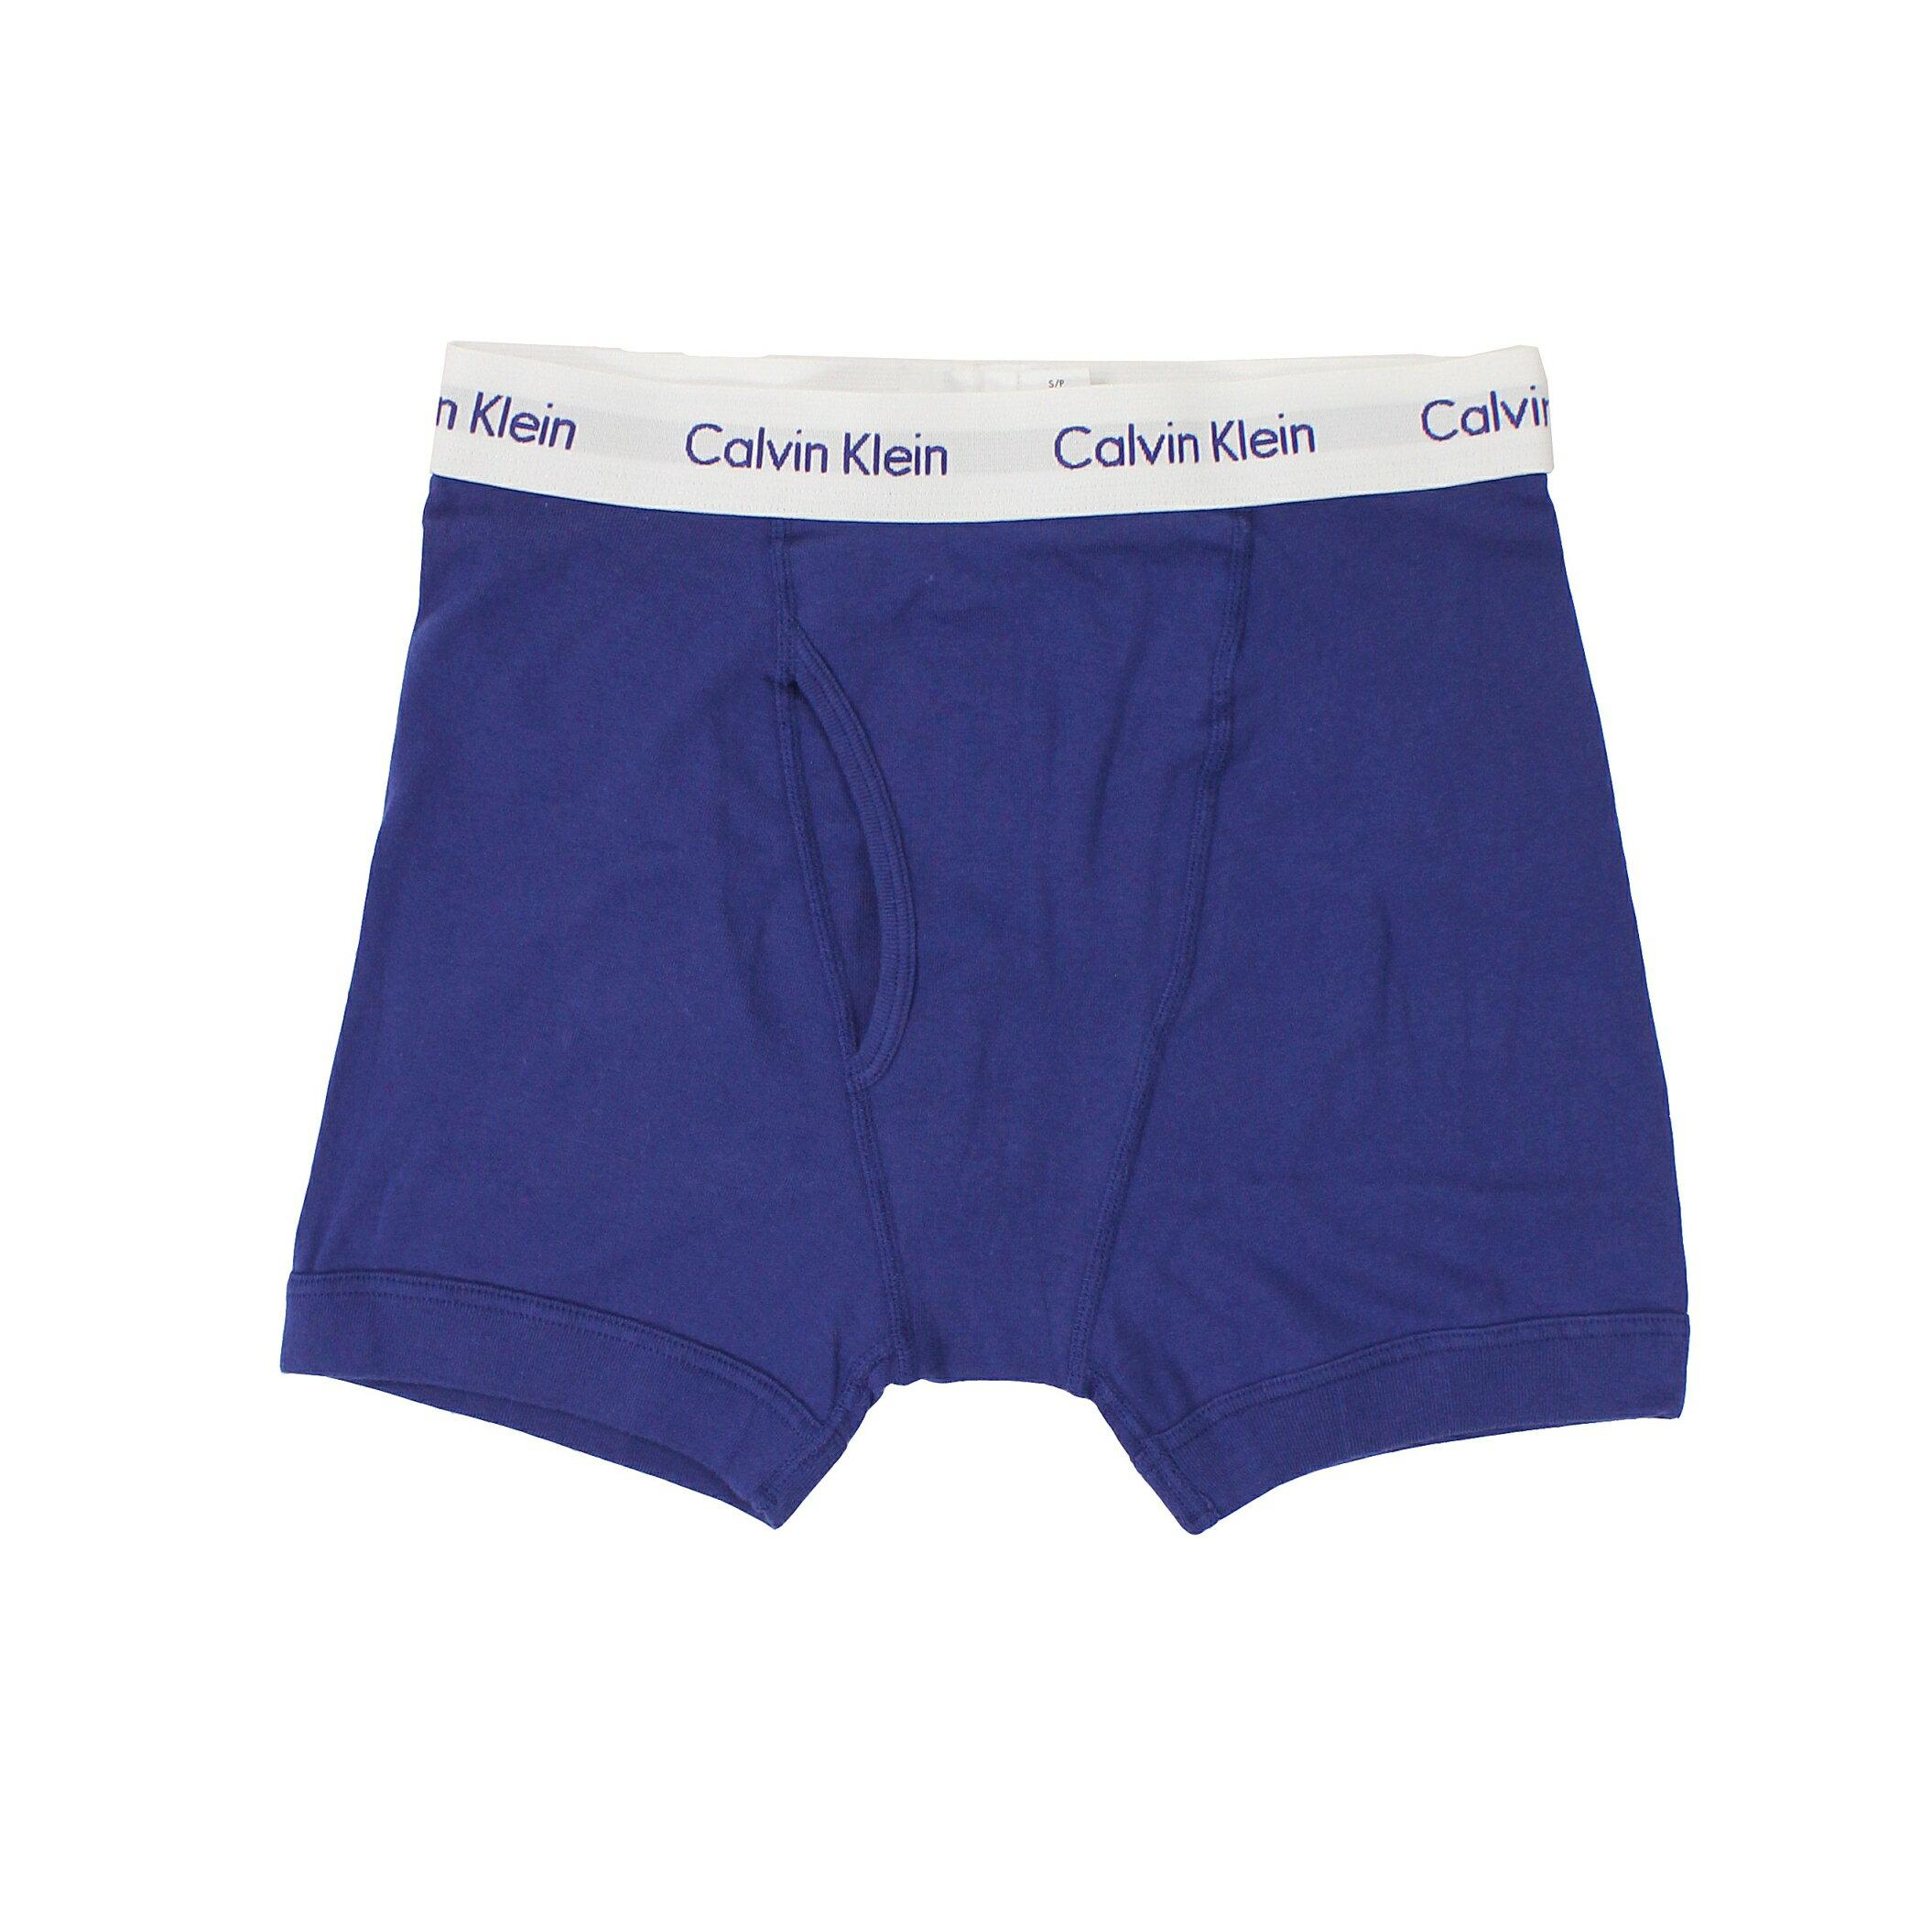 美國百分百【全新真品】Calvin Klein 內褲 CK 四角褲 平口褲 深藍 素面 純棉 男 S號